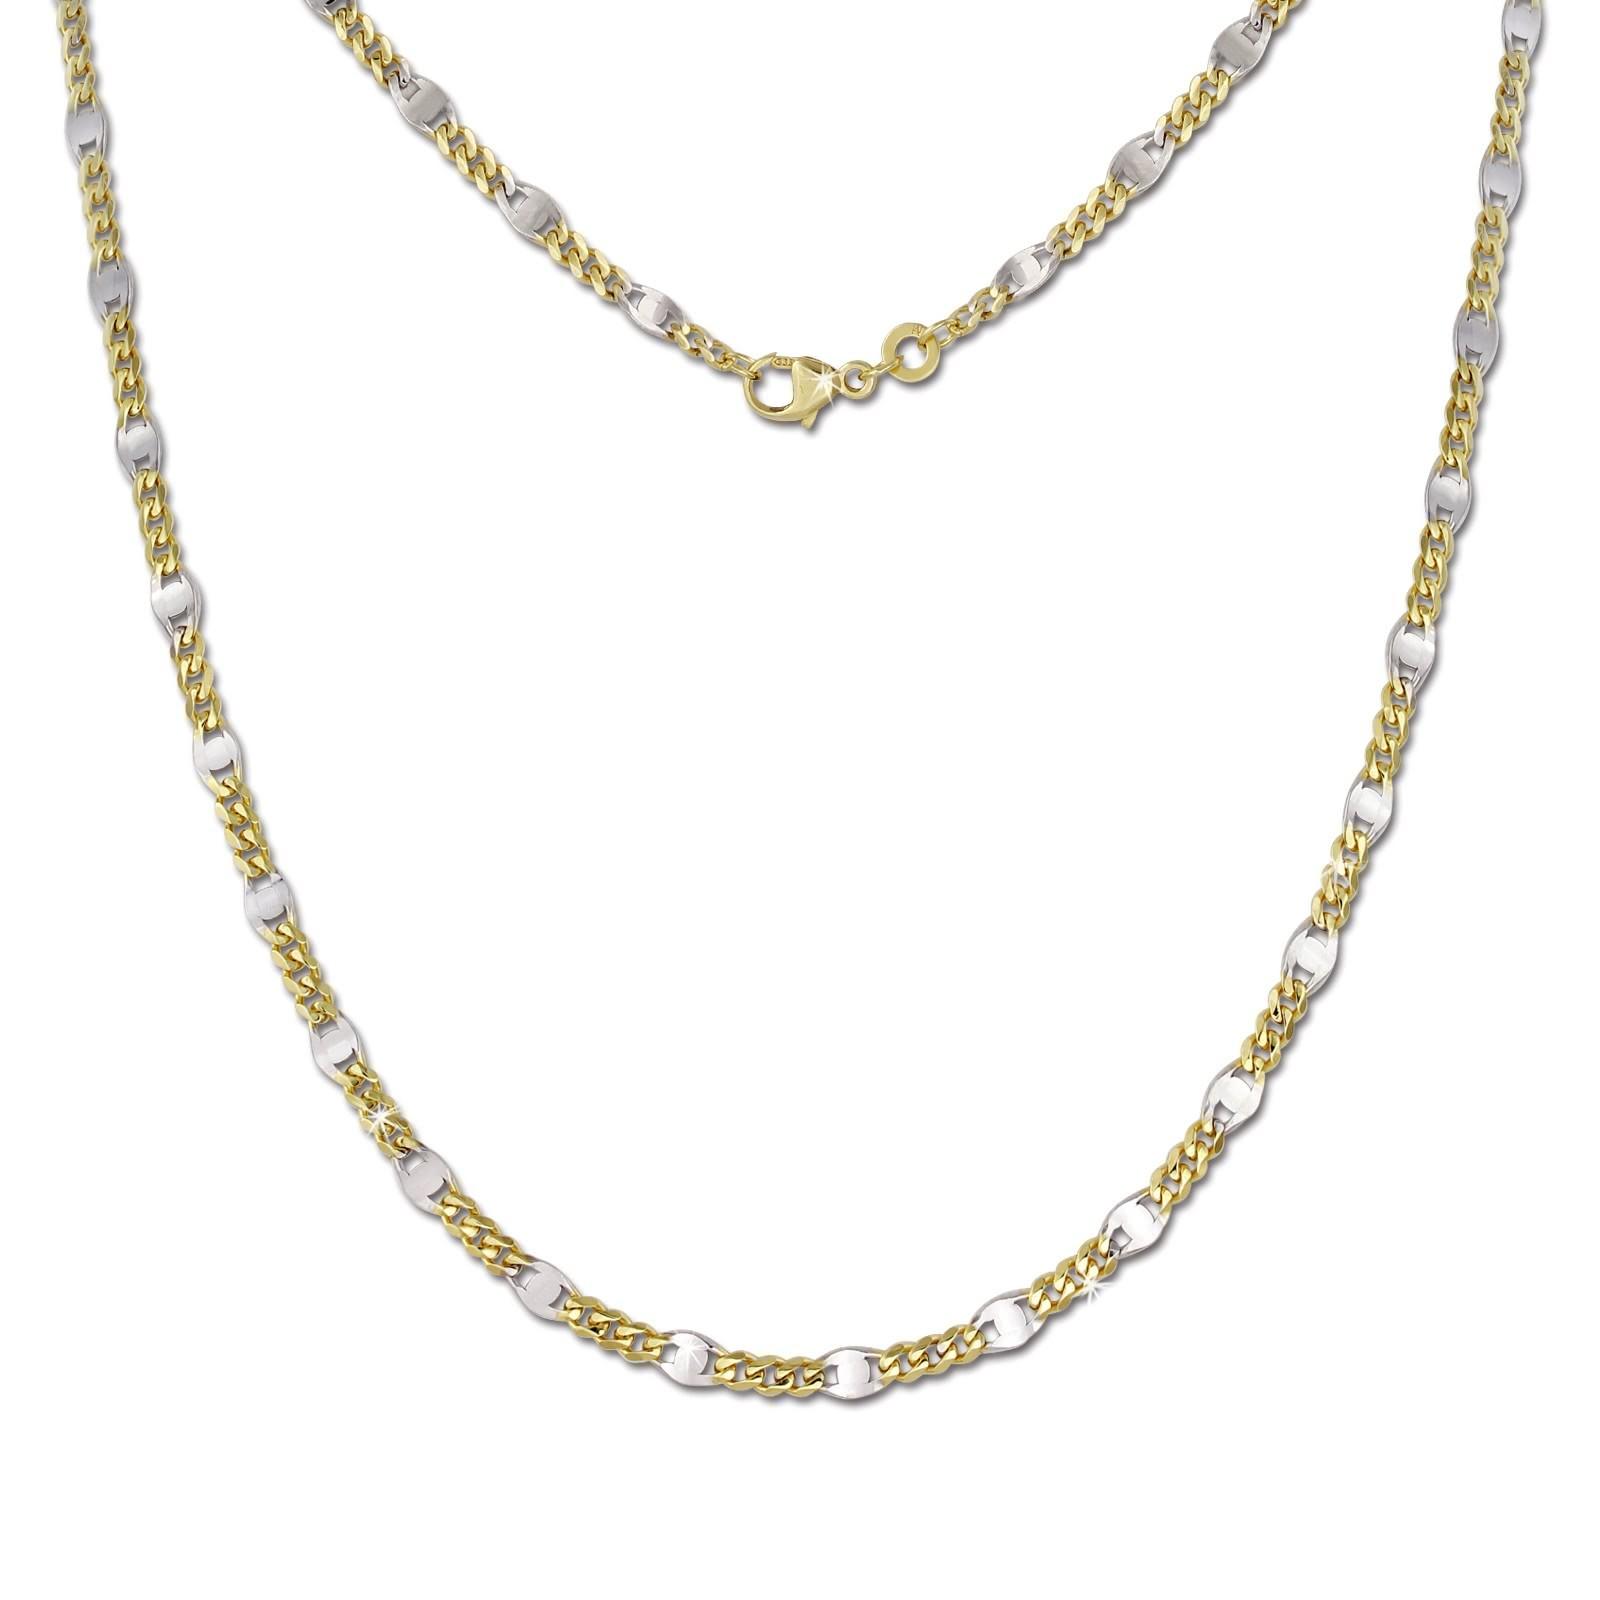 SilberDream Collier Kette Plättchen 333 Gelbgold Damen 45cm GDK00345T